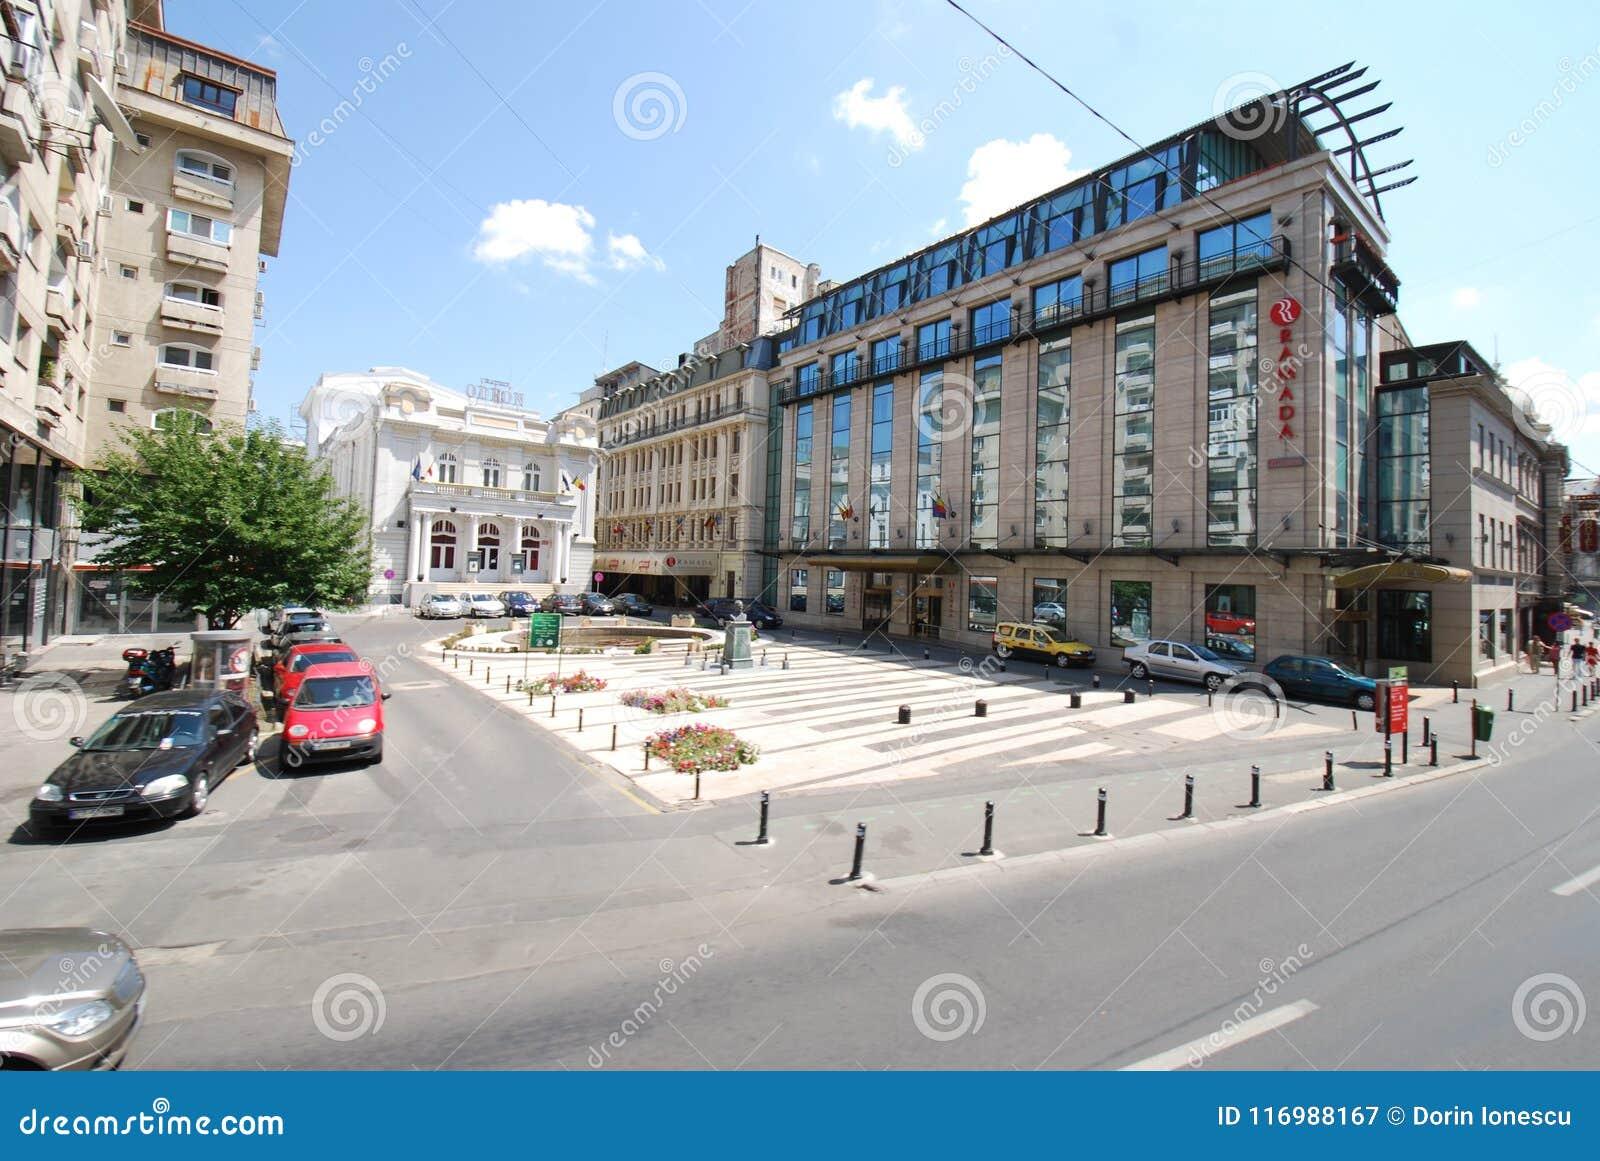 Le théâtre d Odeon, zone métropolitaine, voisinage, plaza, a mélangé l utilisation